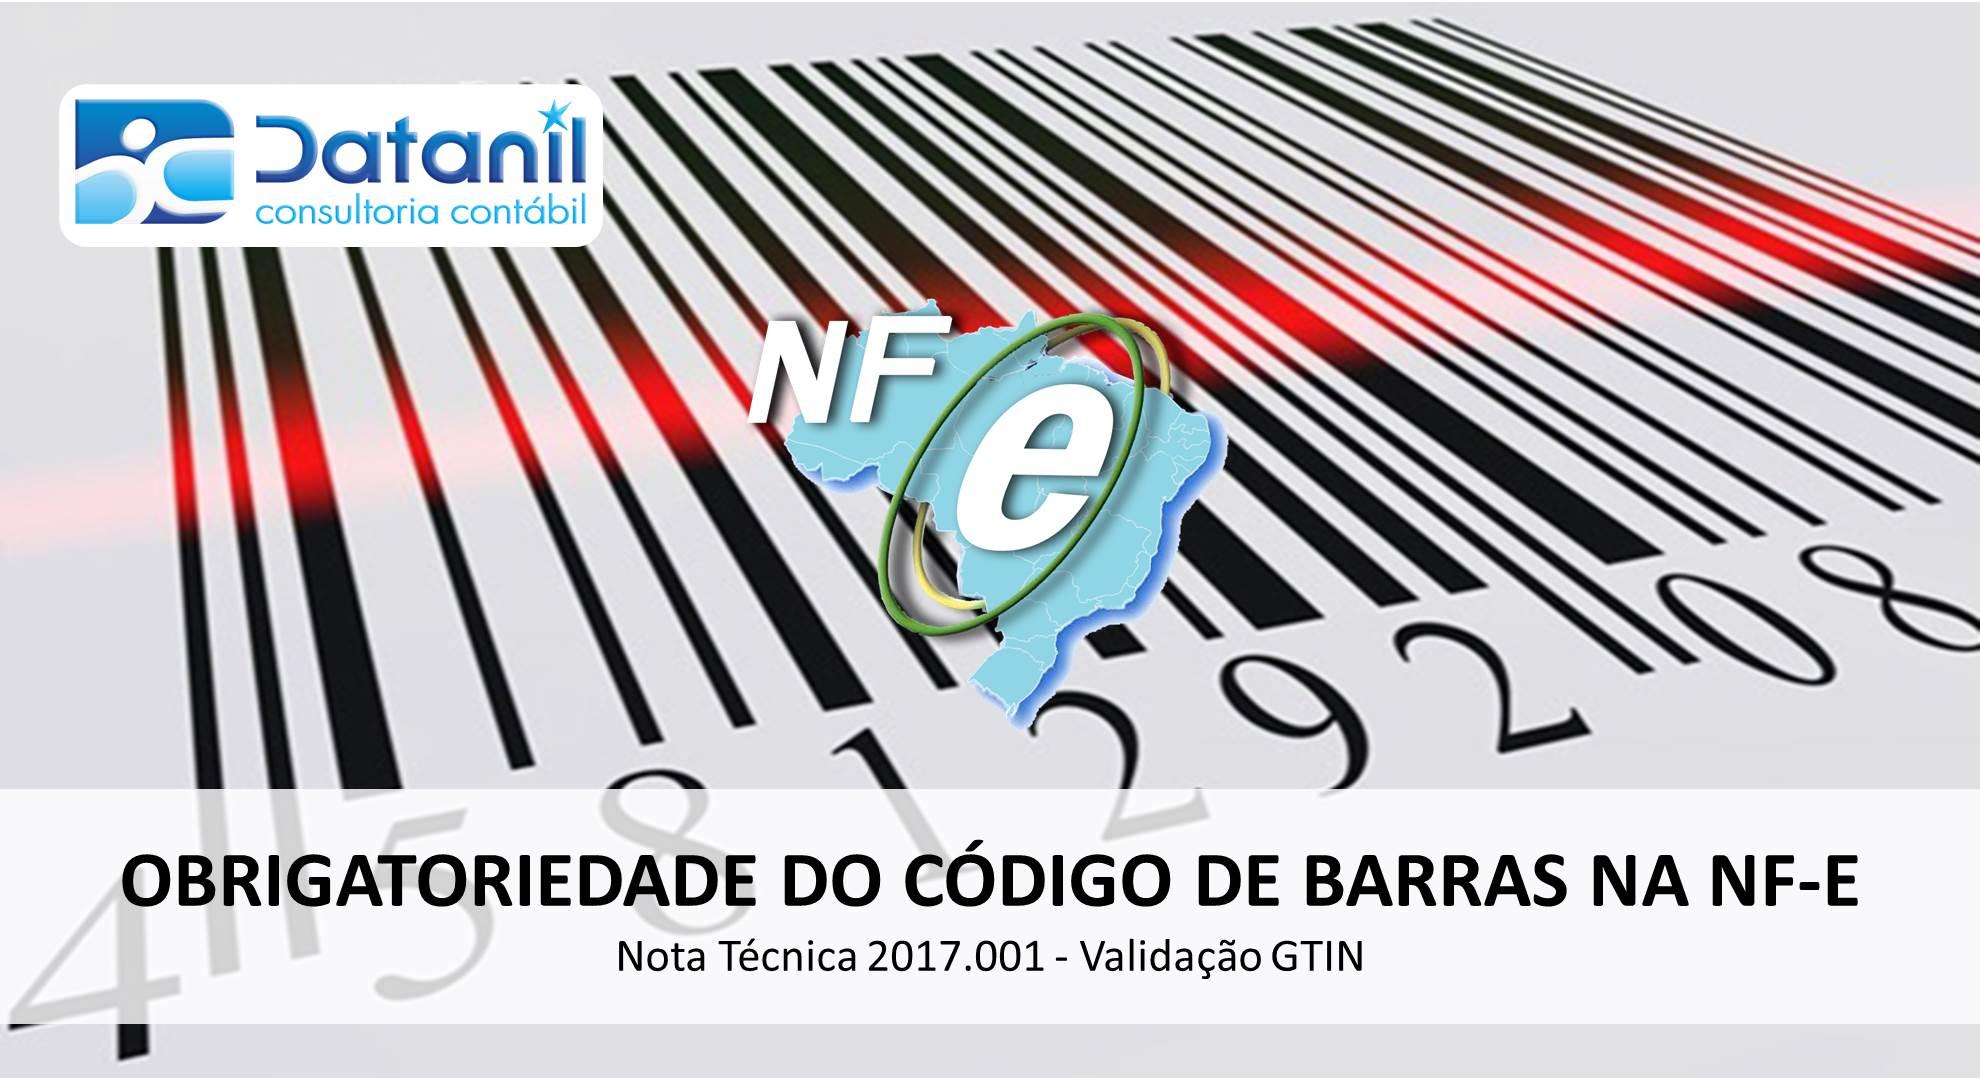 CódigoBarras